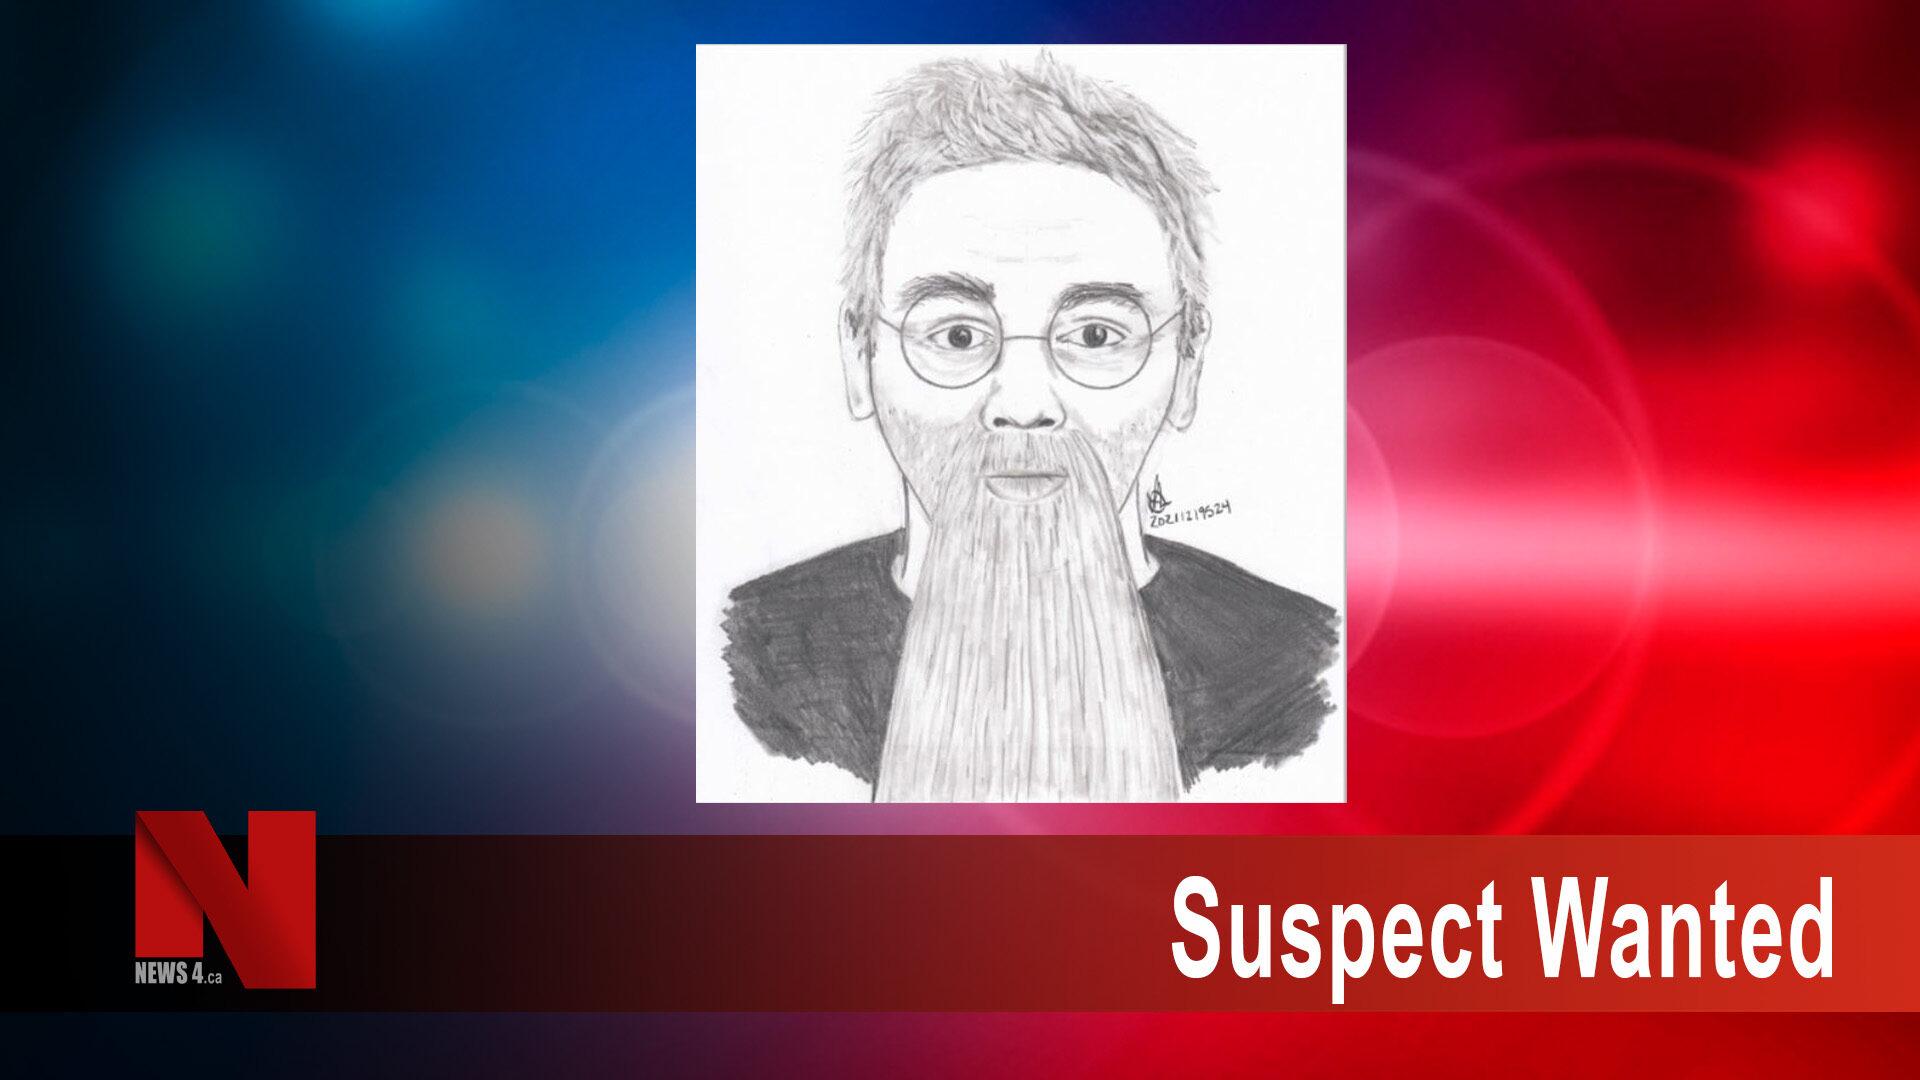 child abduction suspect